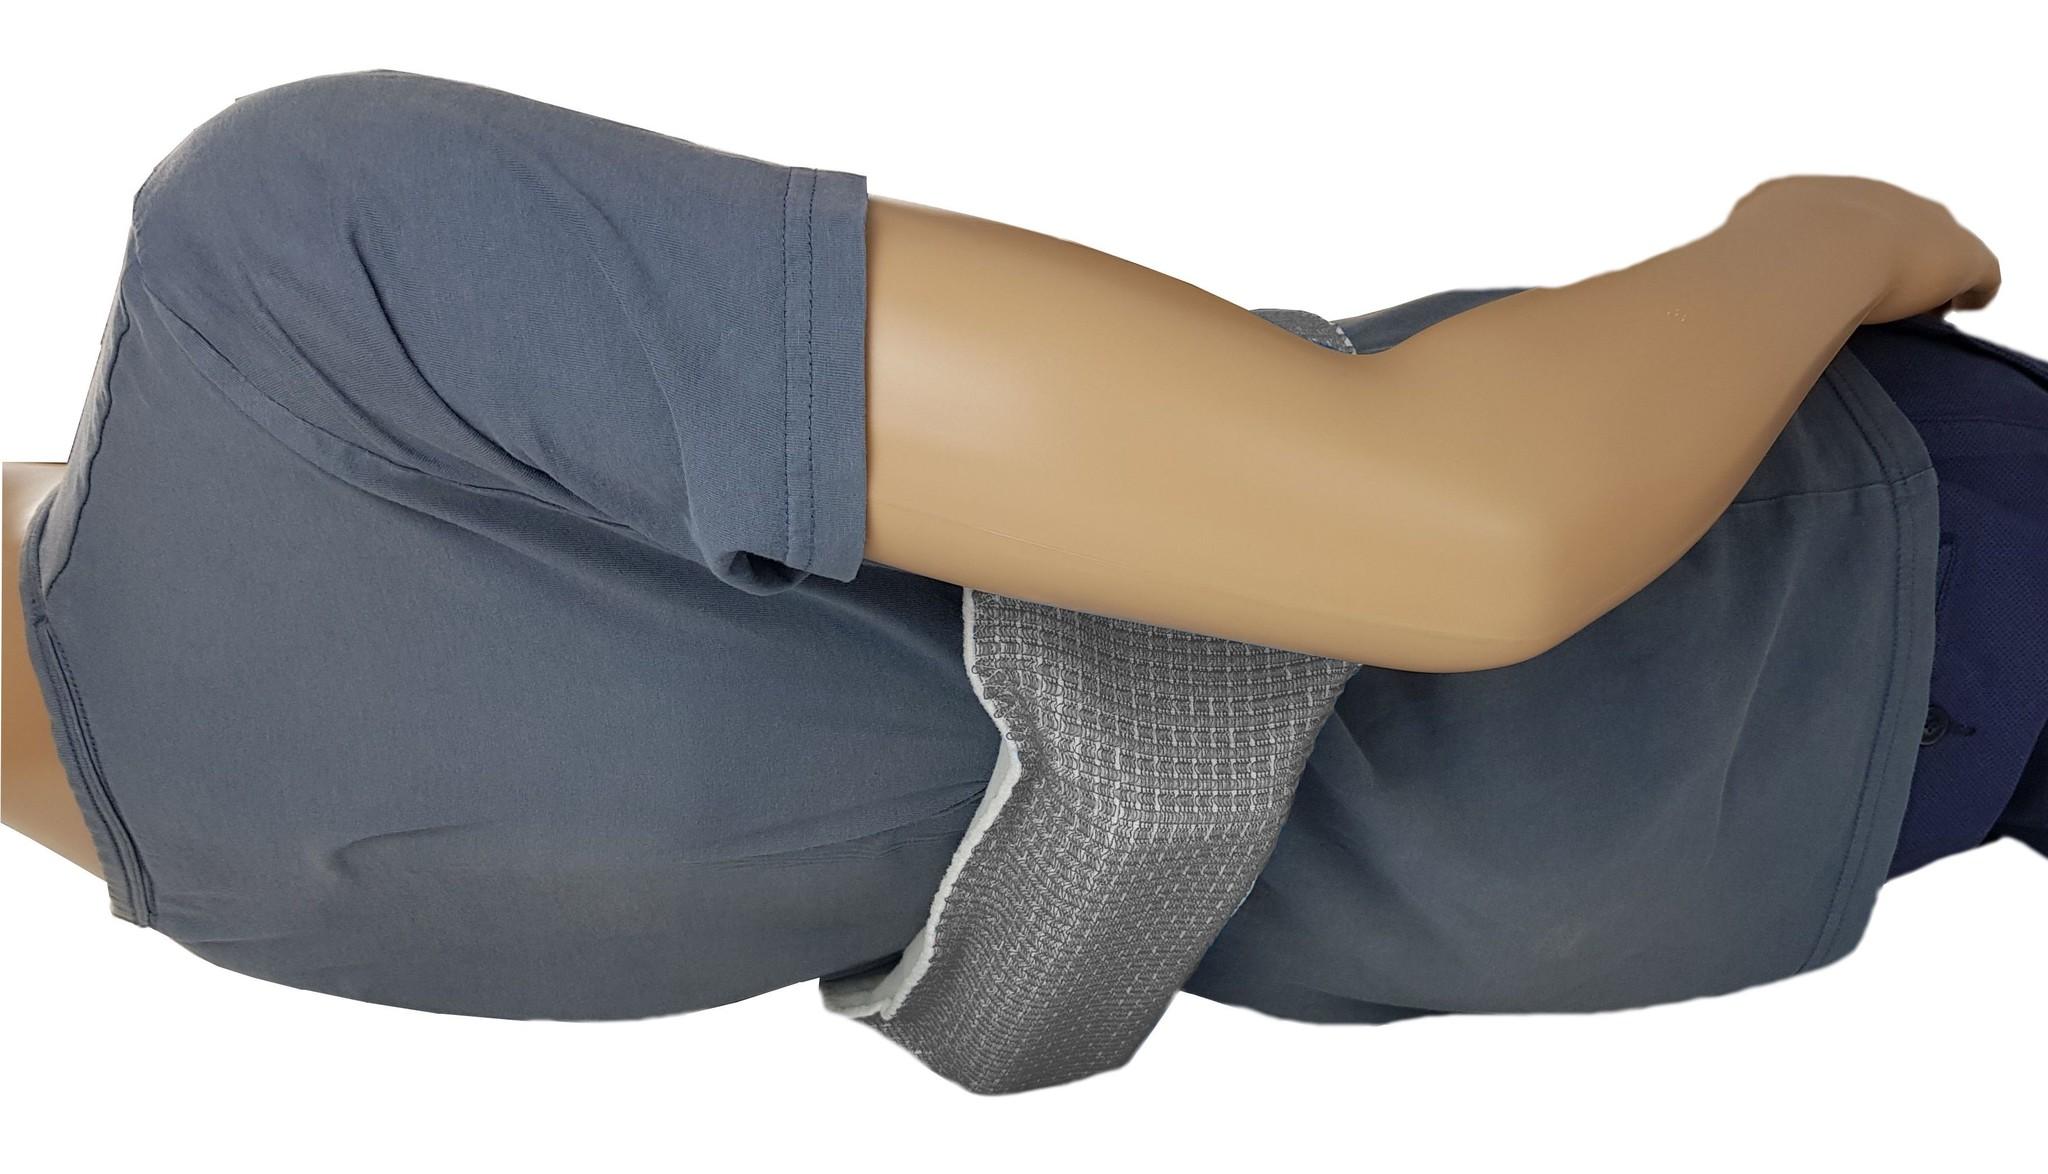 RVS Anti-Rückenlage-Bandage